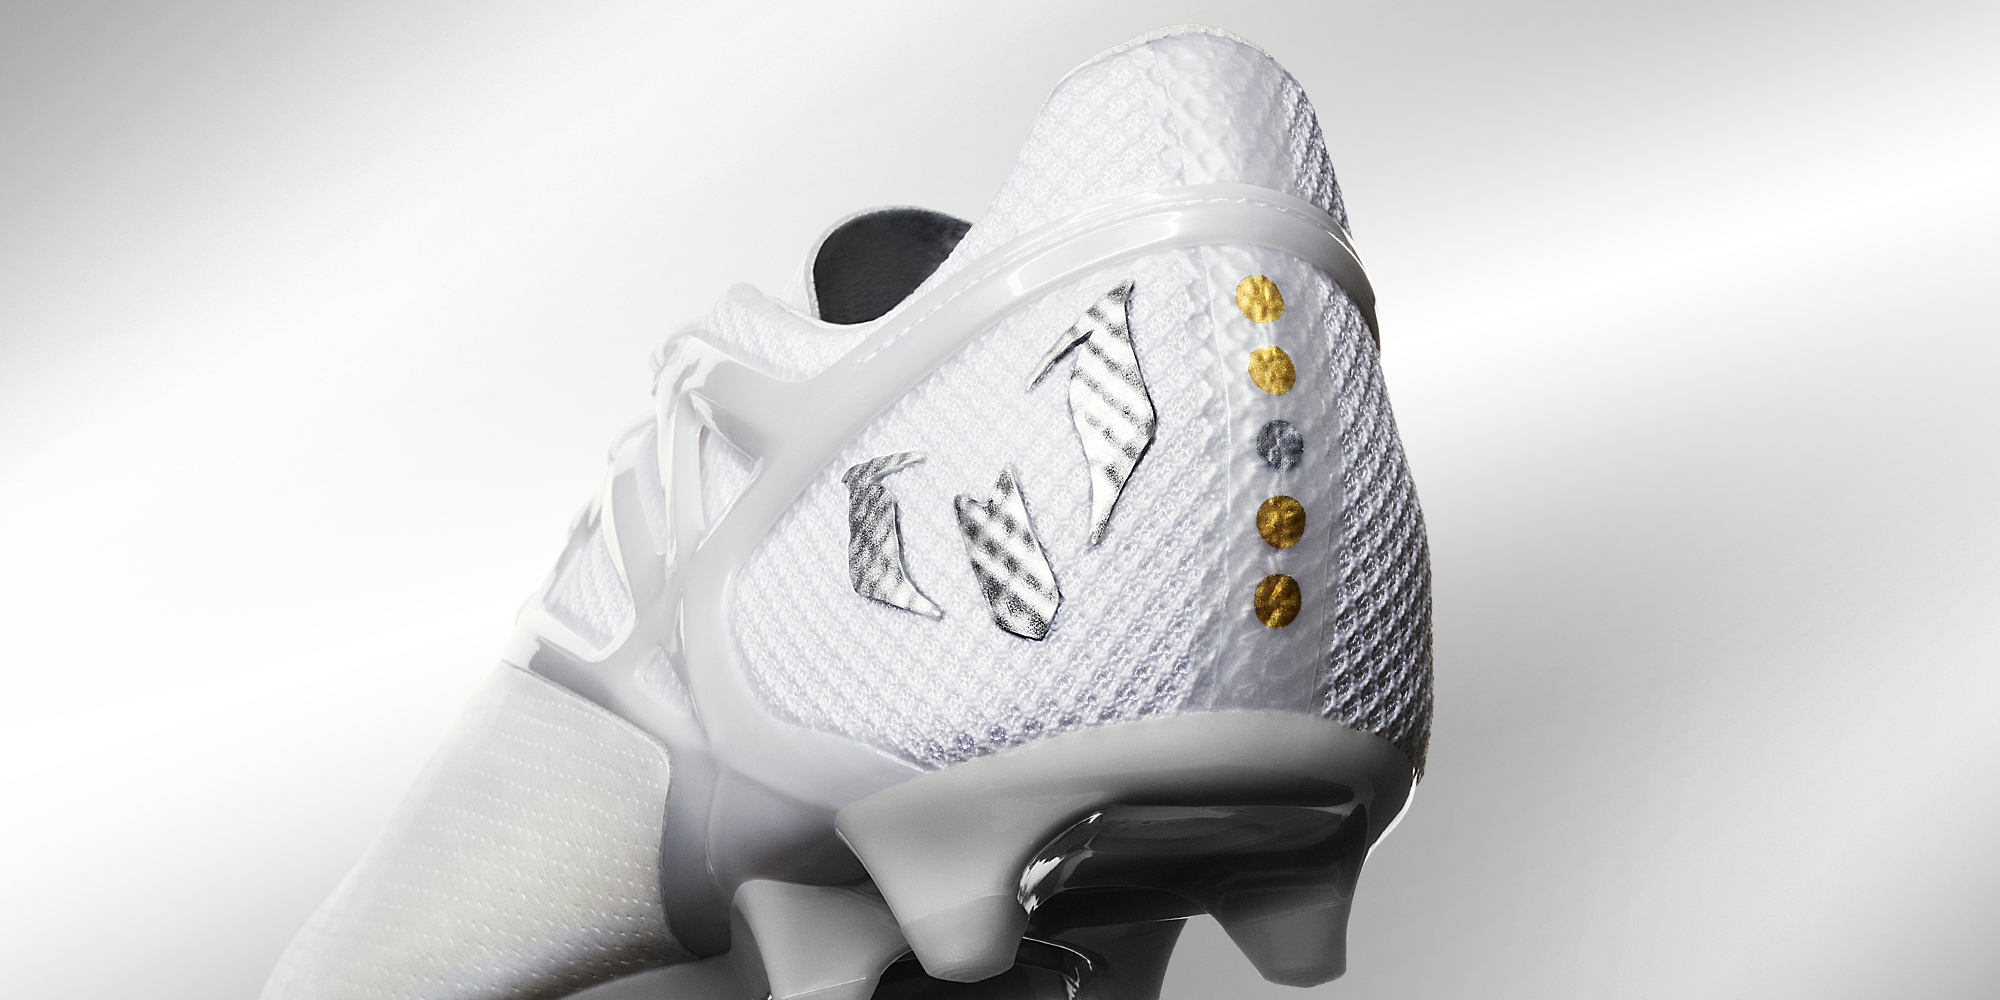 886a372f39d Adidas homenajea a Messi con unas botas especiales | Marca.com